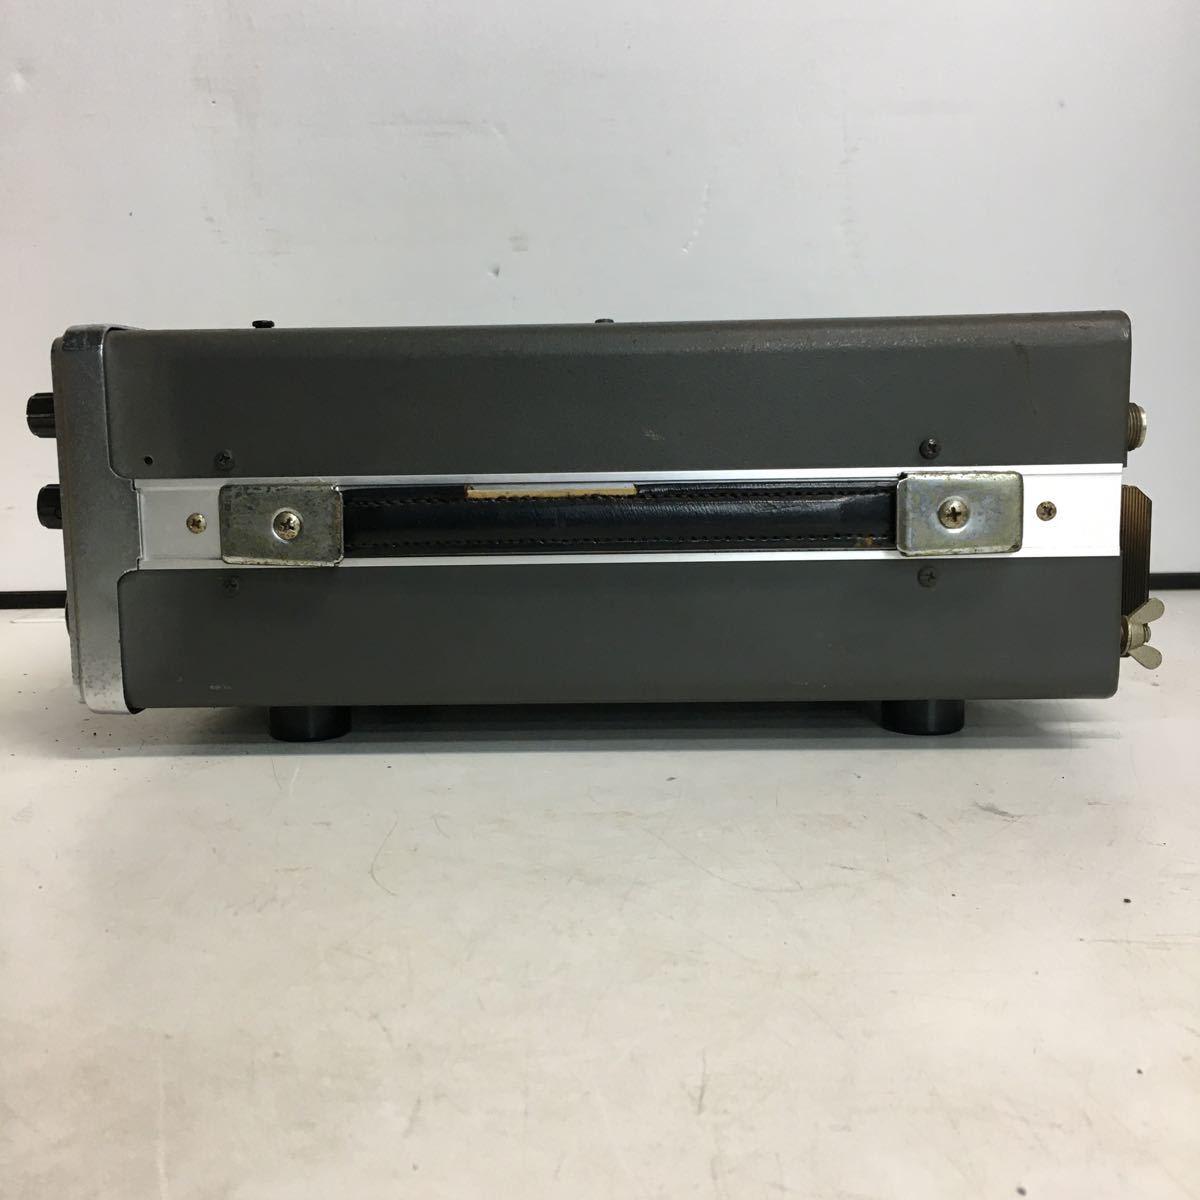 E066 TRIO トリオ TS-700 トランシーバー アマチュア無線機/本体のみ ジャンク品_画像2